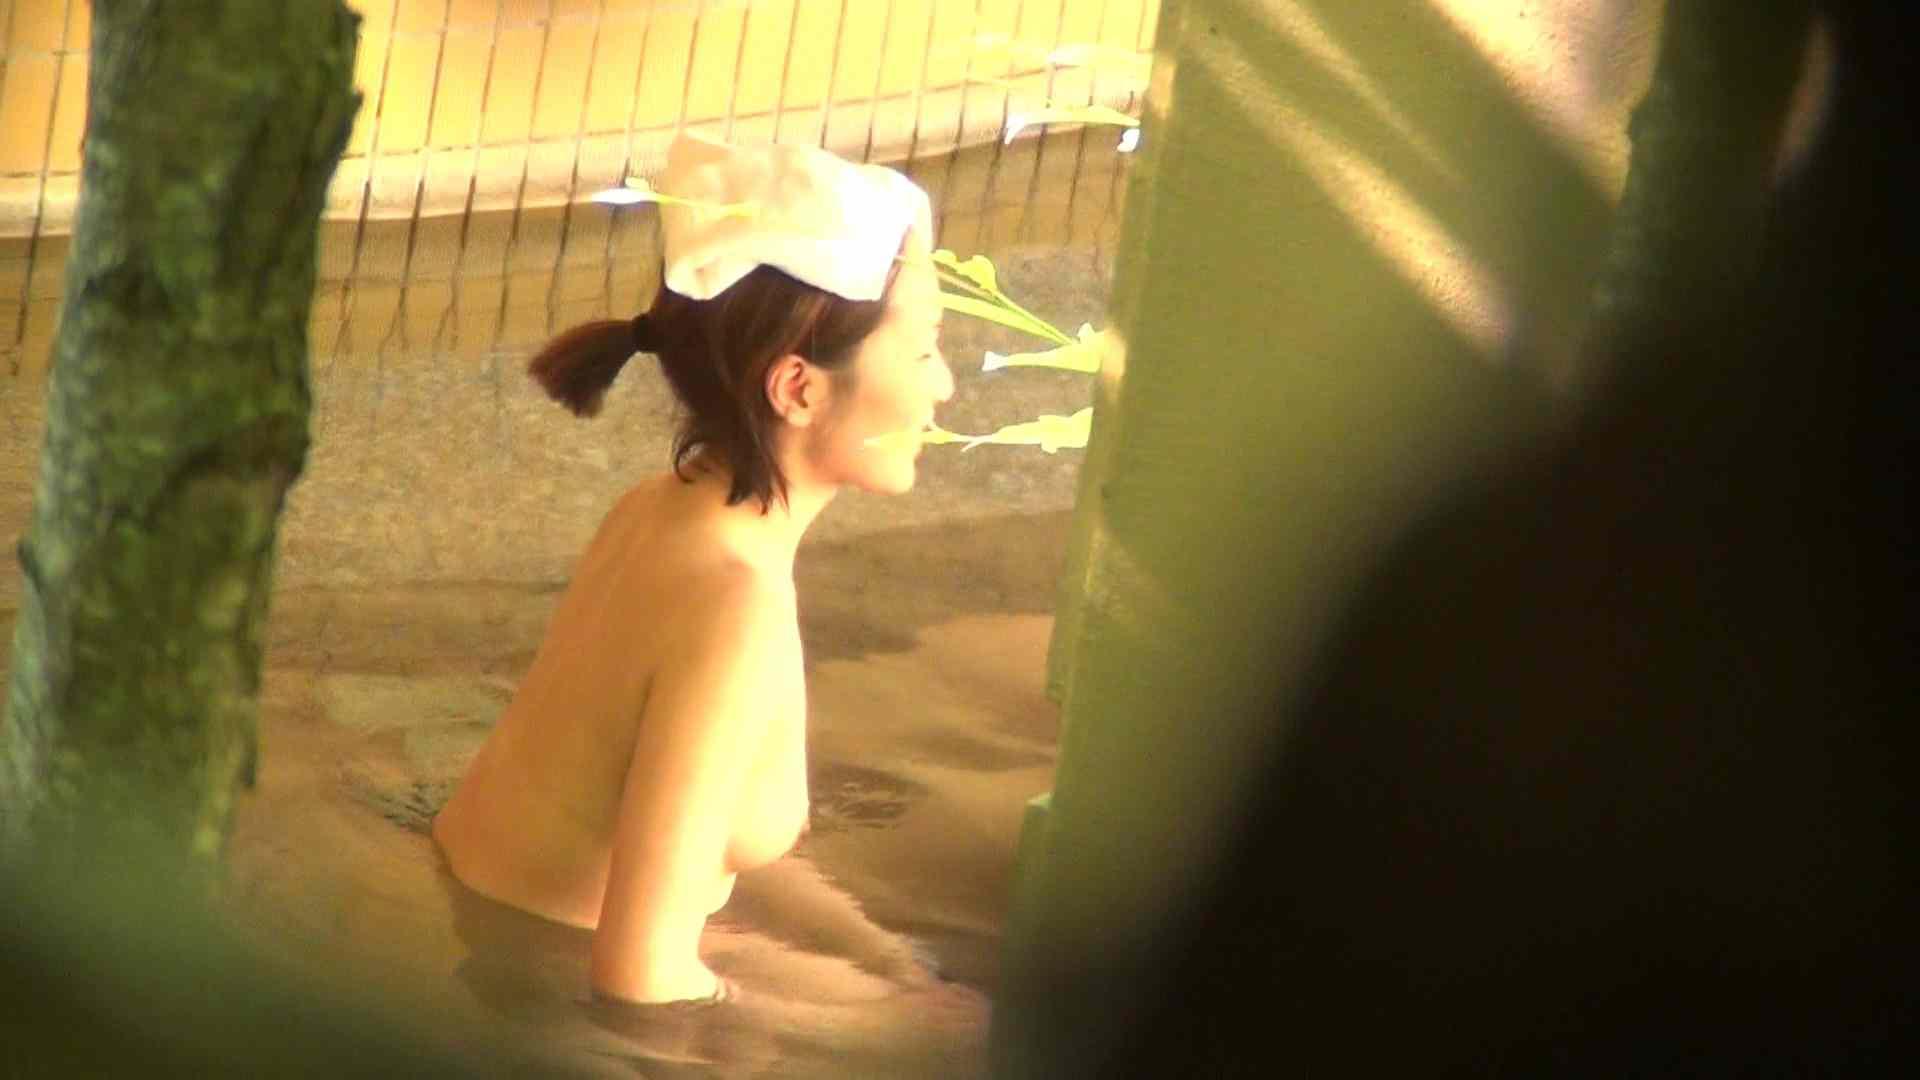 Aquaな露天風呂Vol.284 盗撮師作品   美しいOLの裸体  83pic 13